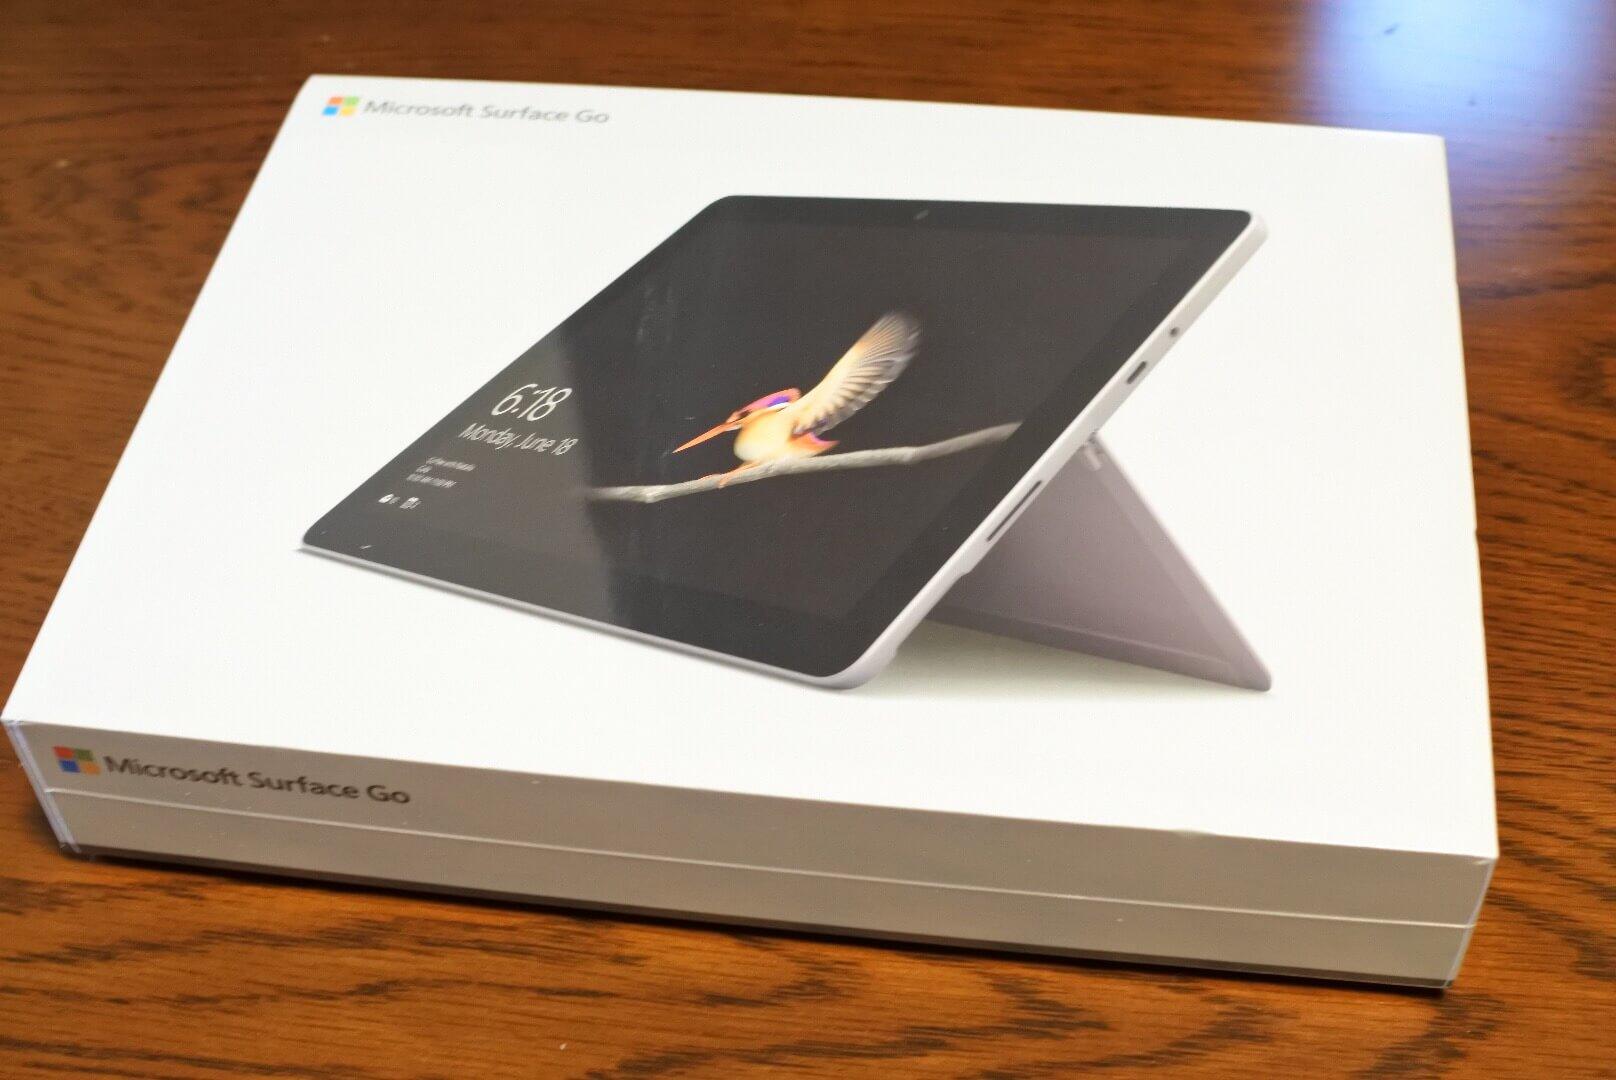 軽い! 使いやすい! ちょうどいい! Surface Go開封〜セットアップまでとファーストインプレッションをレビュー